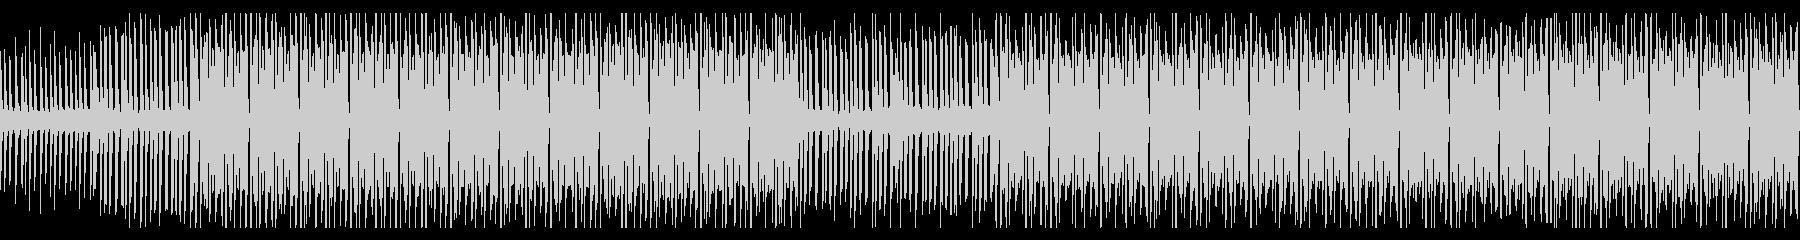 ラジオ番組の後ろで流れそうなEDMの未再生の波形